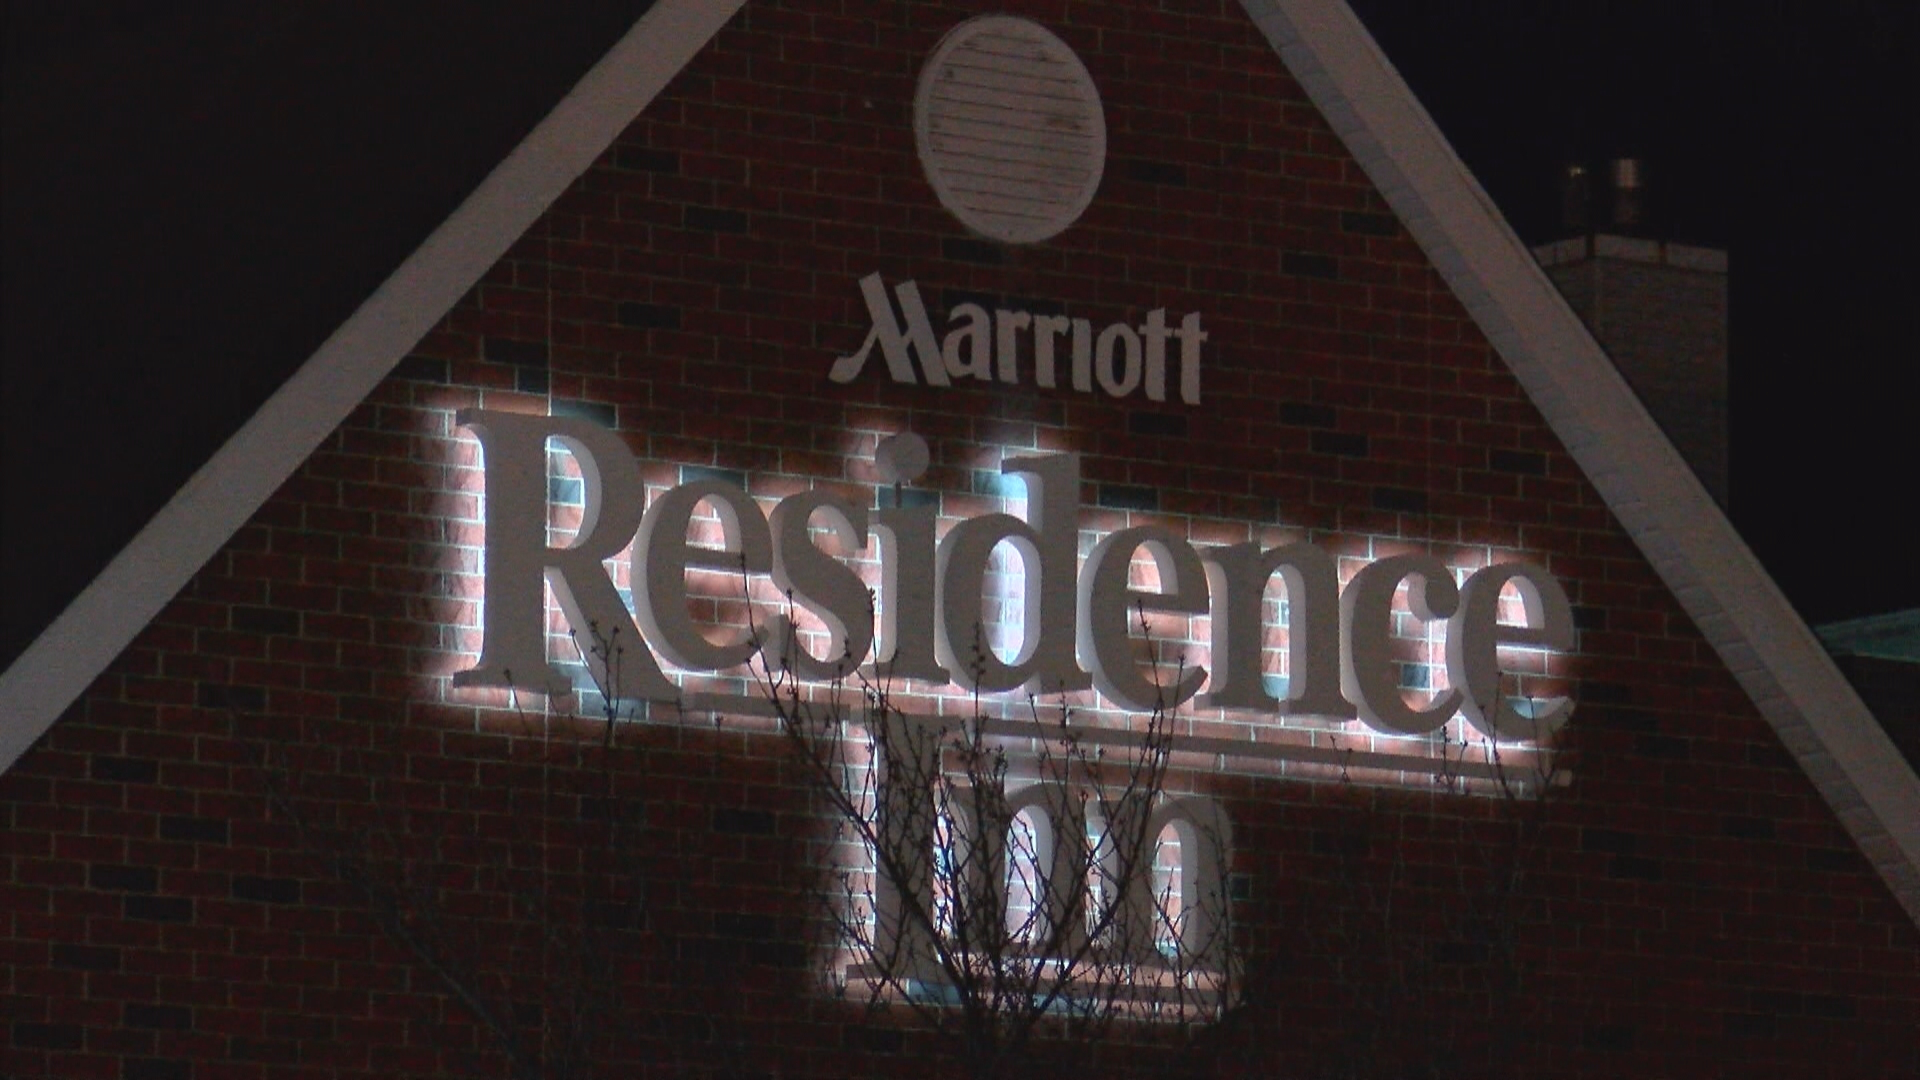 Residence Inn Drowning_frame_531_1492221040468.jpg